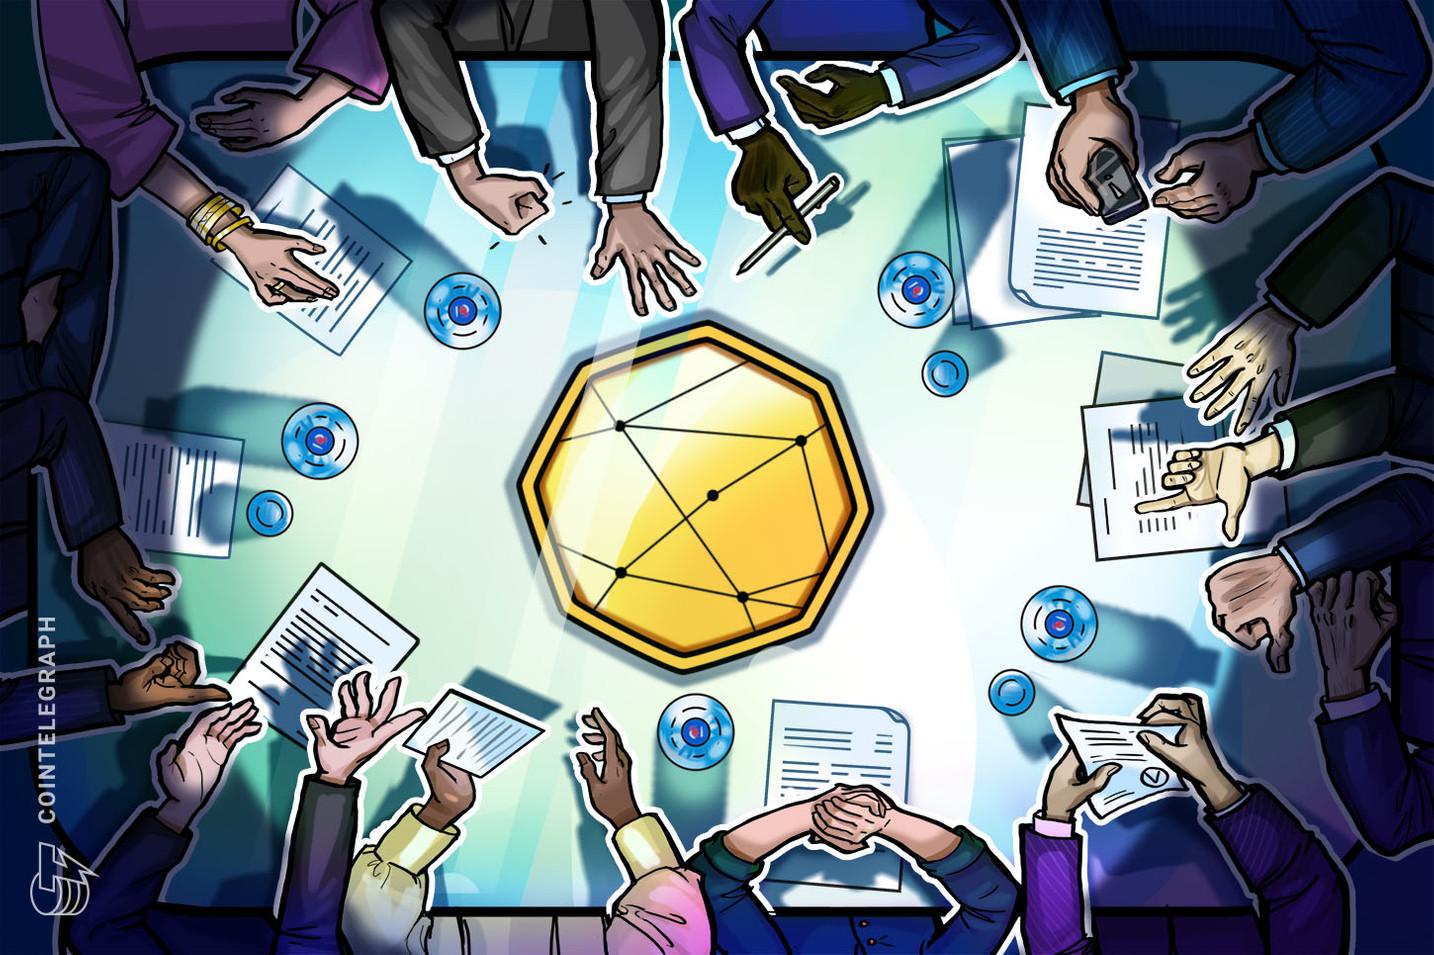 US-Gesetzgeber einigen sich über Krypto-Änderungen und Infrastrukturgesetz